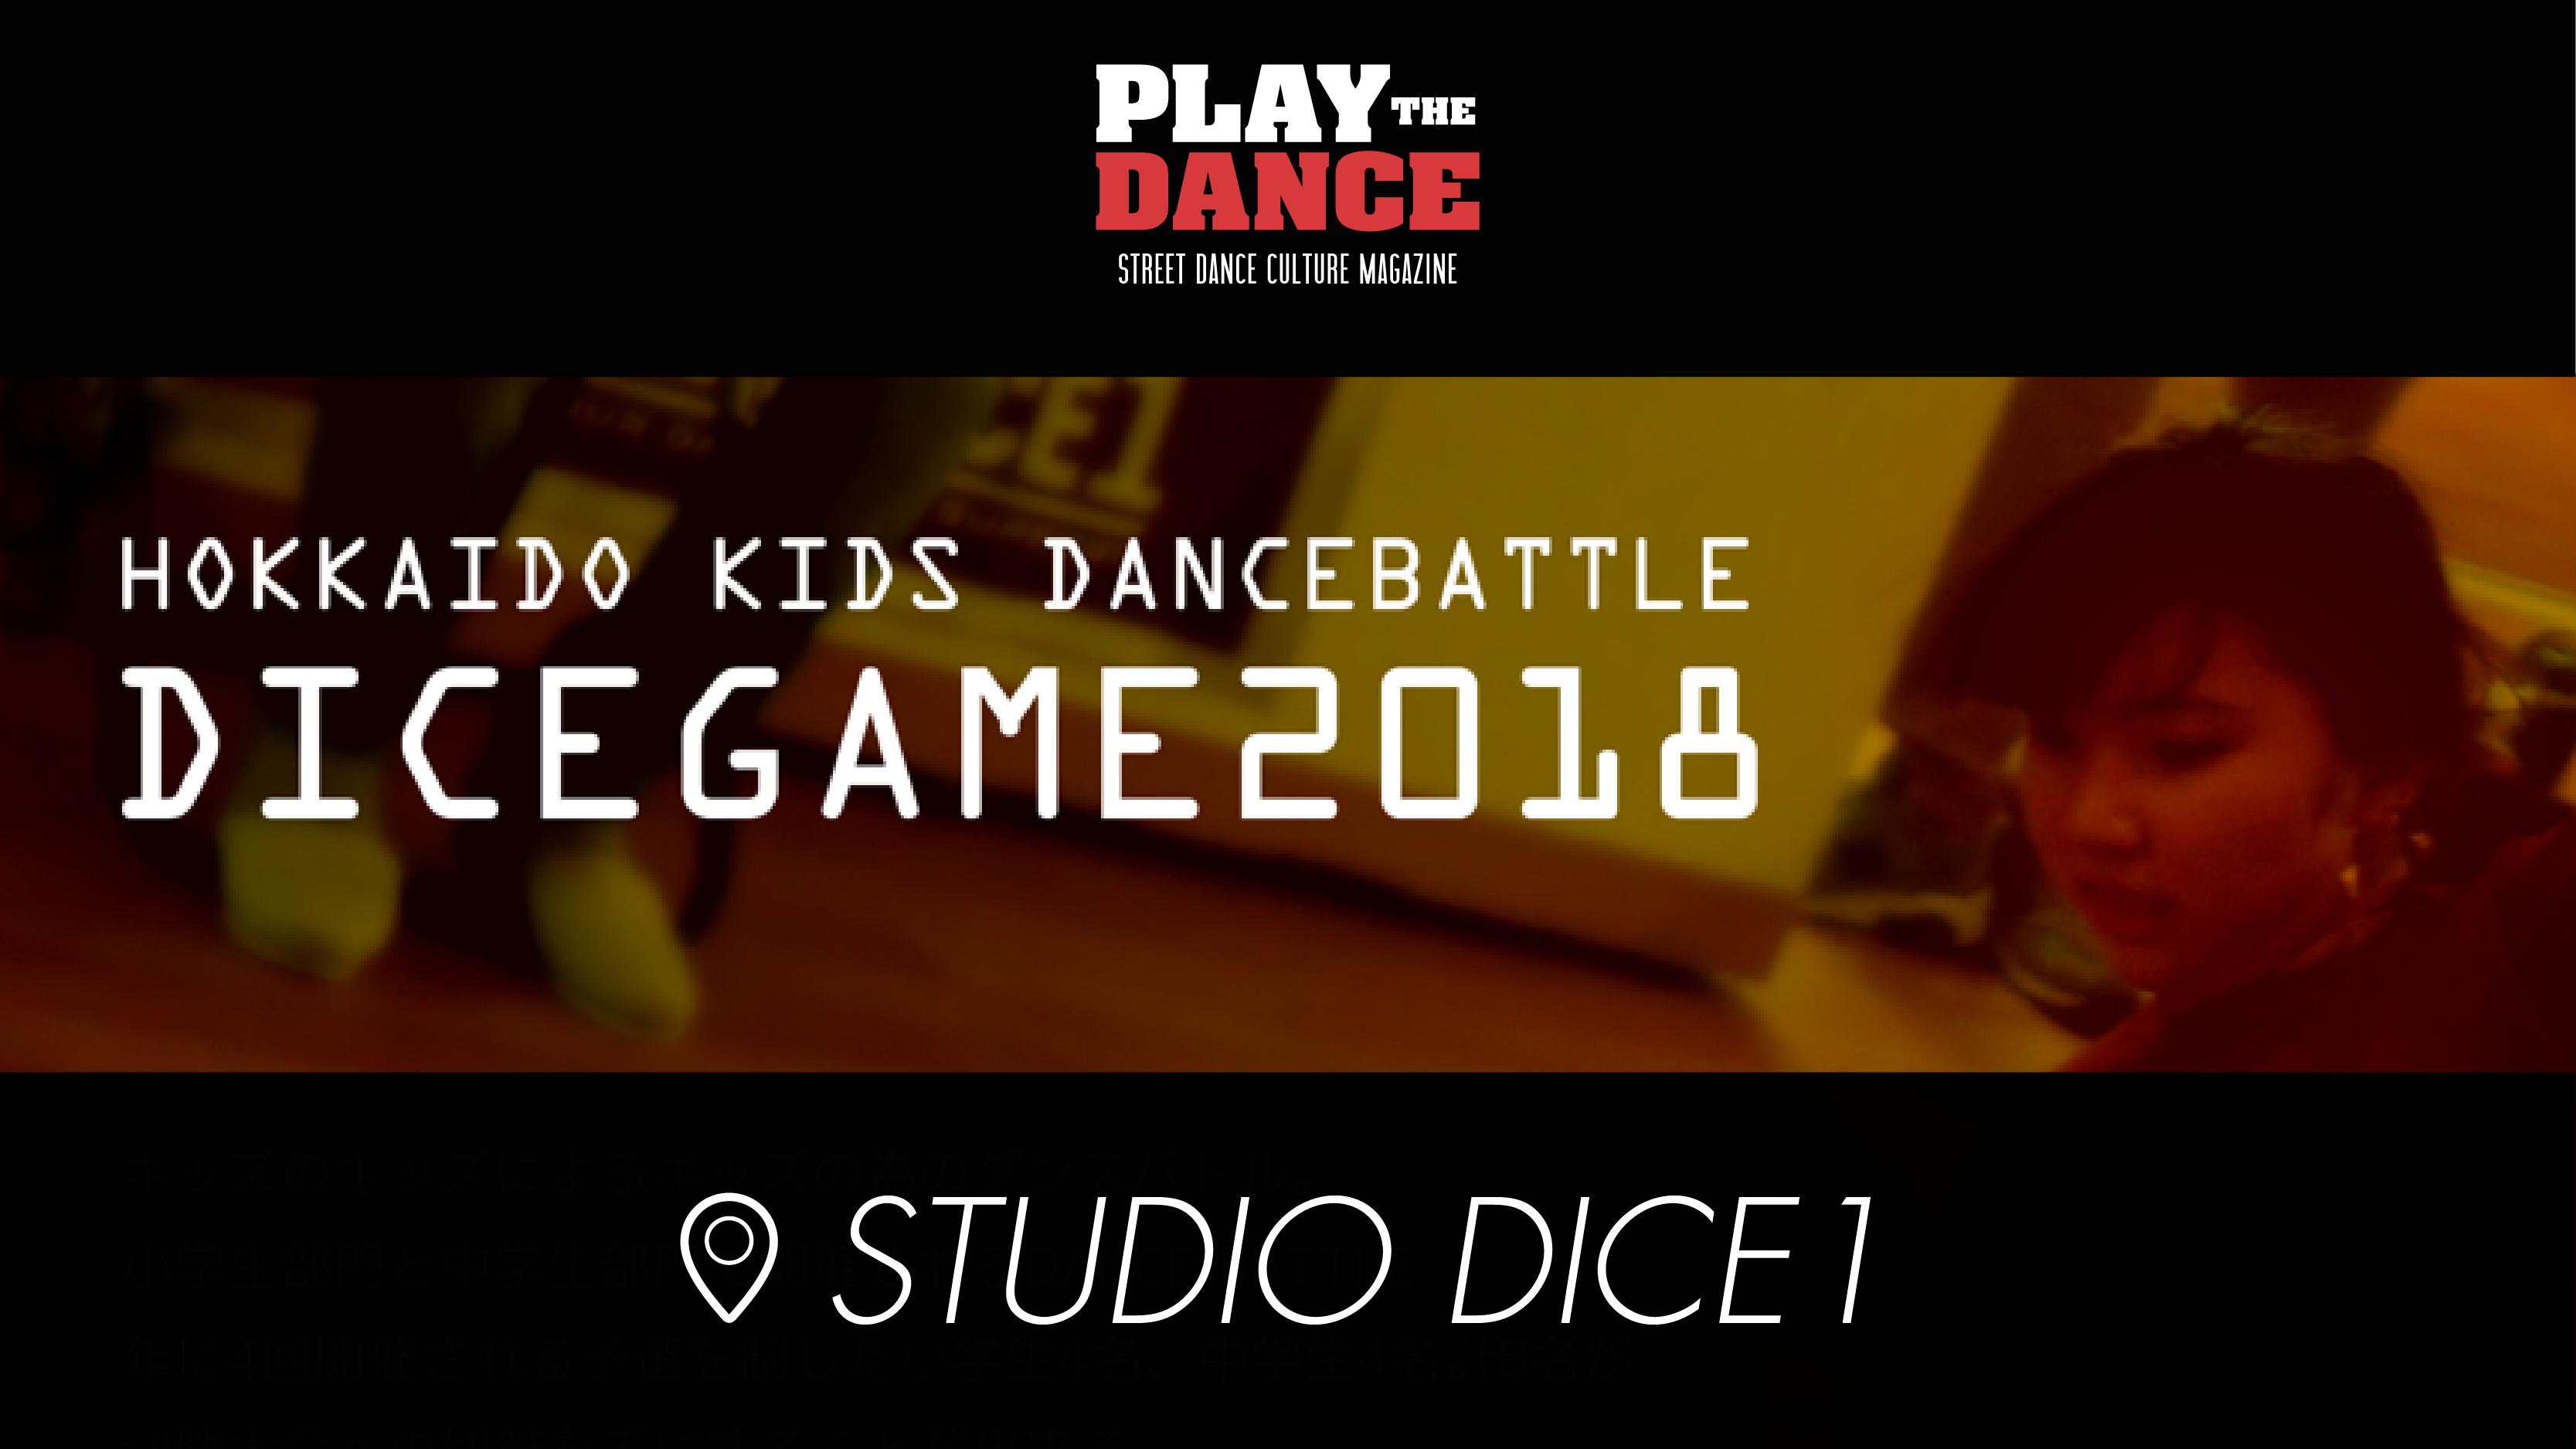 DICE GAME 2018 vol.2